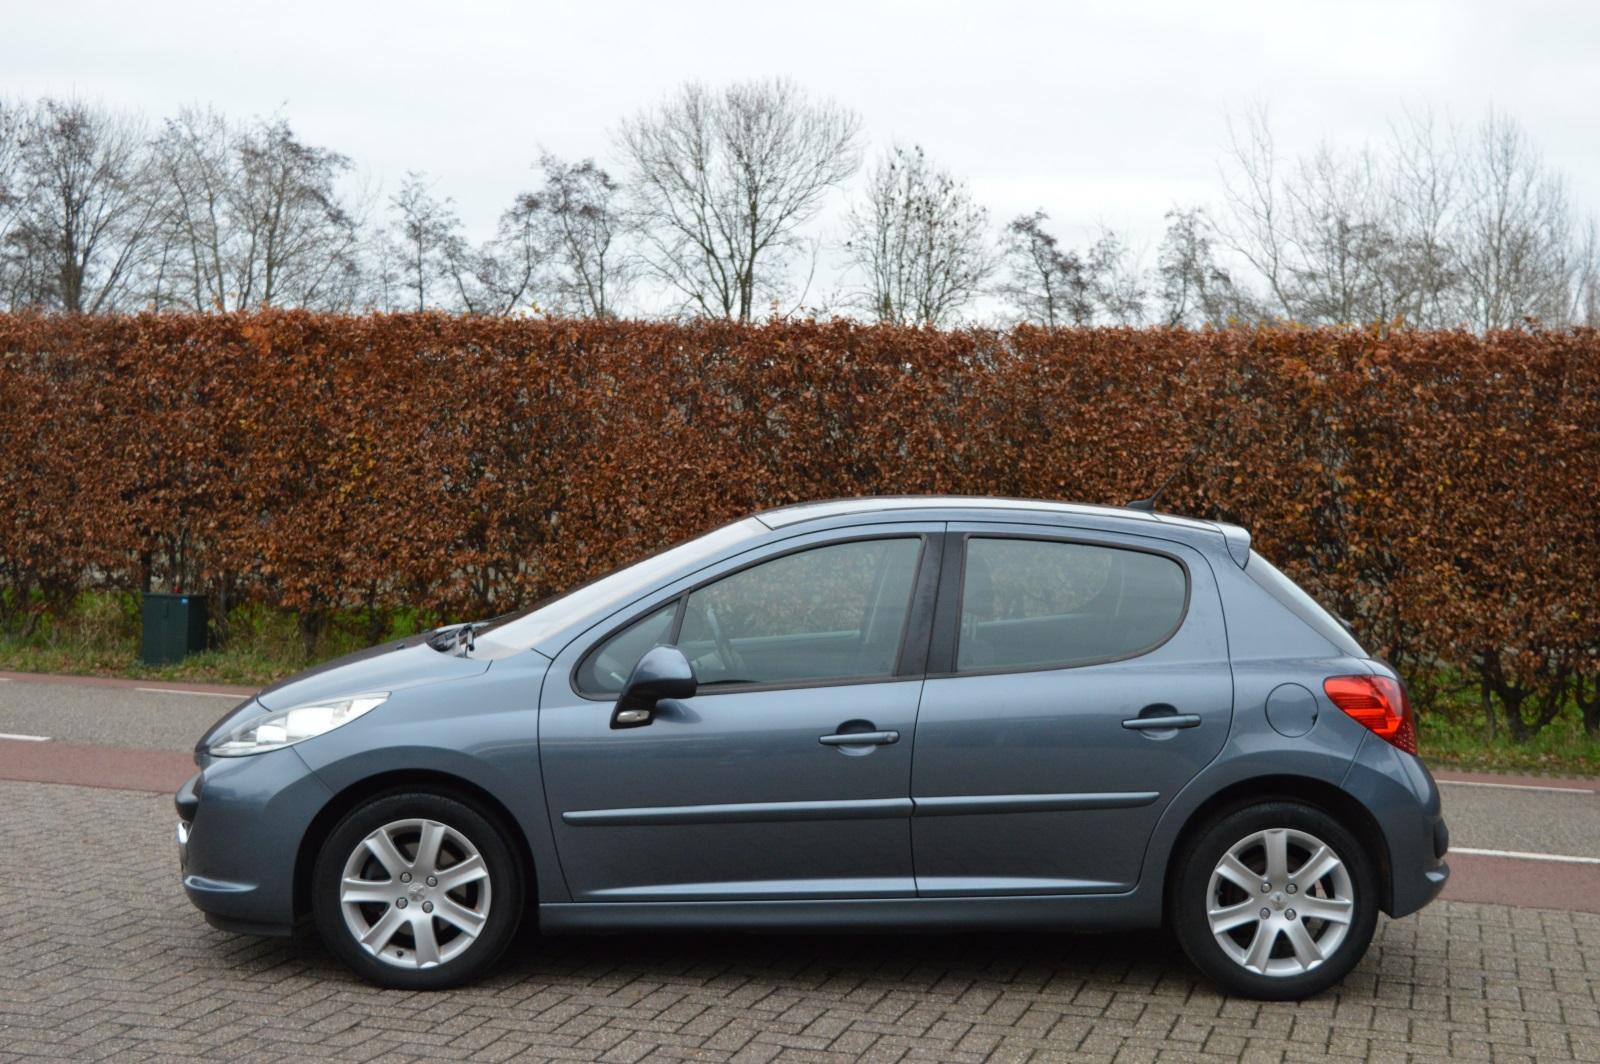 Peugeot 207 1.6 HDi 90CV 5p. XS usate su Usato.Quattroruote